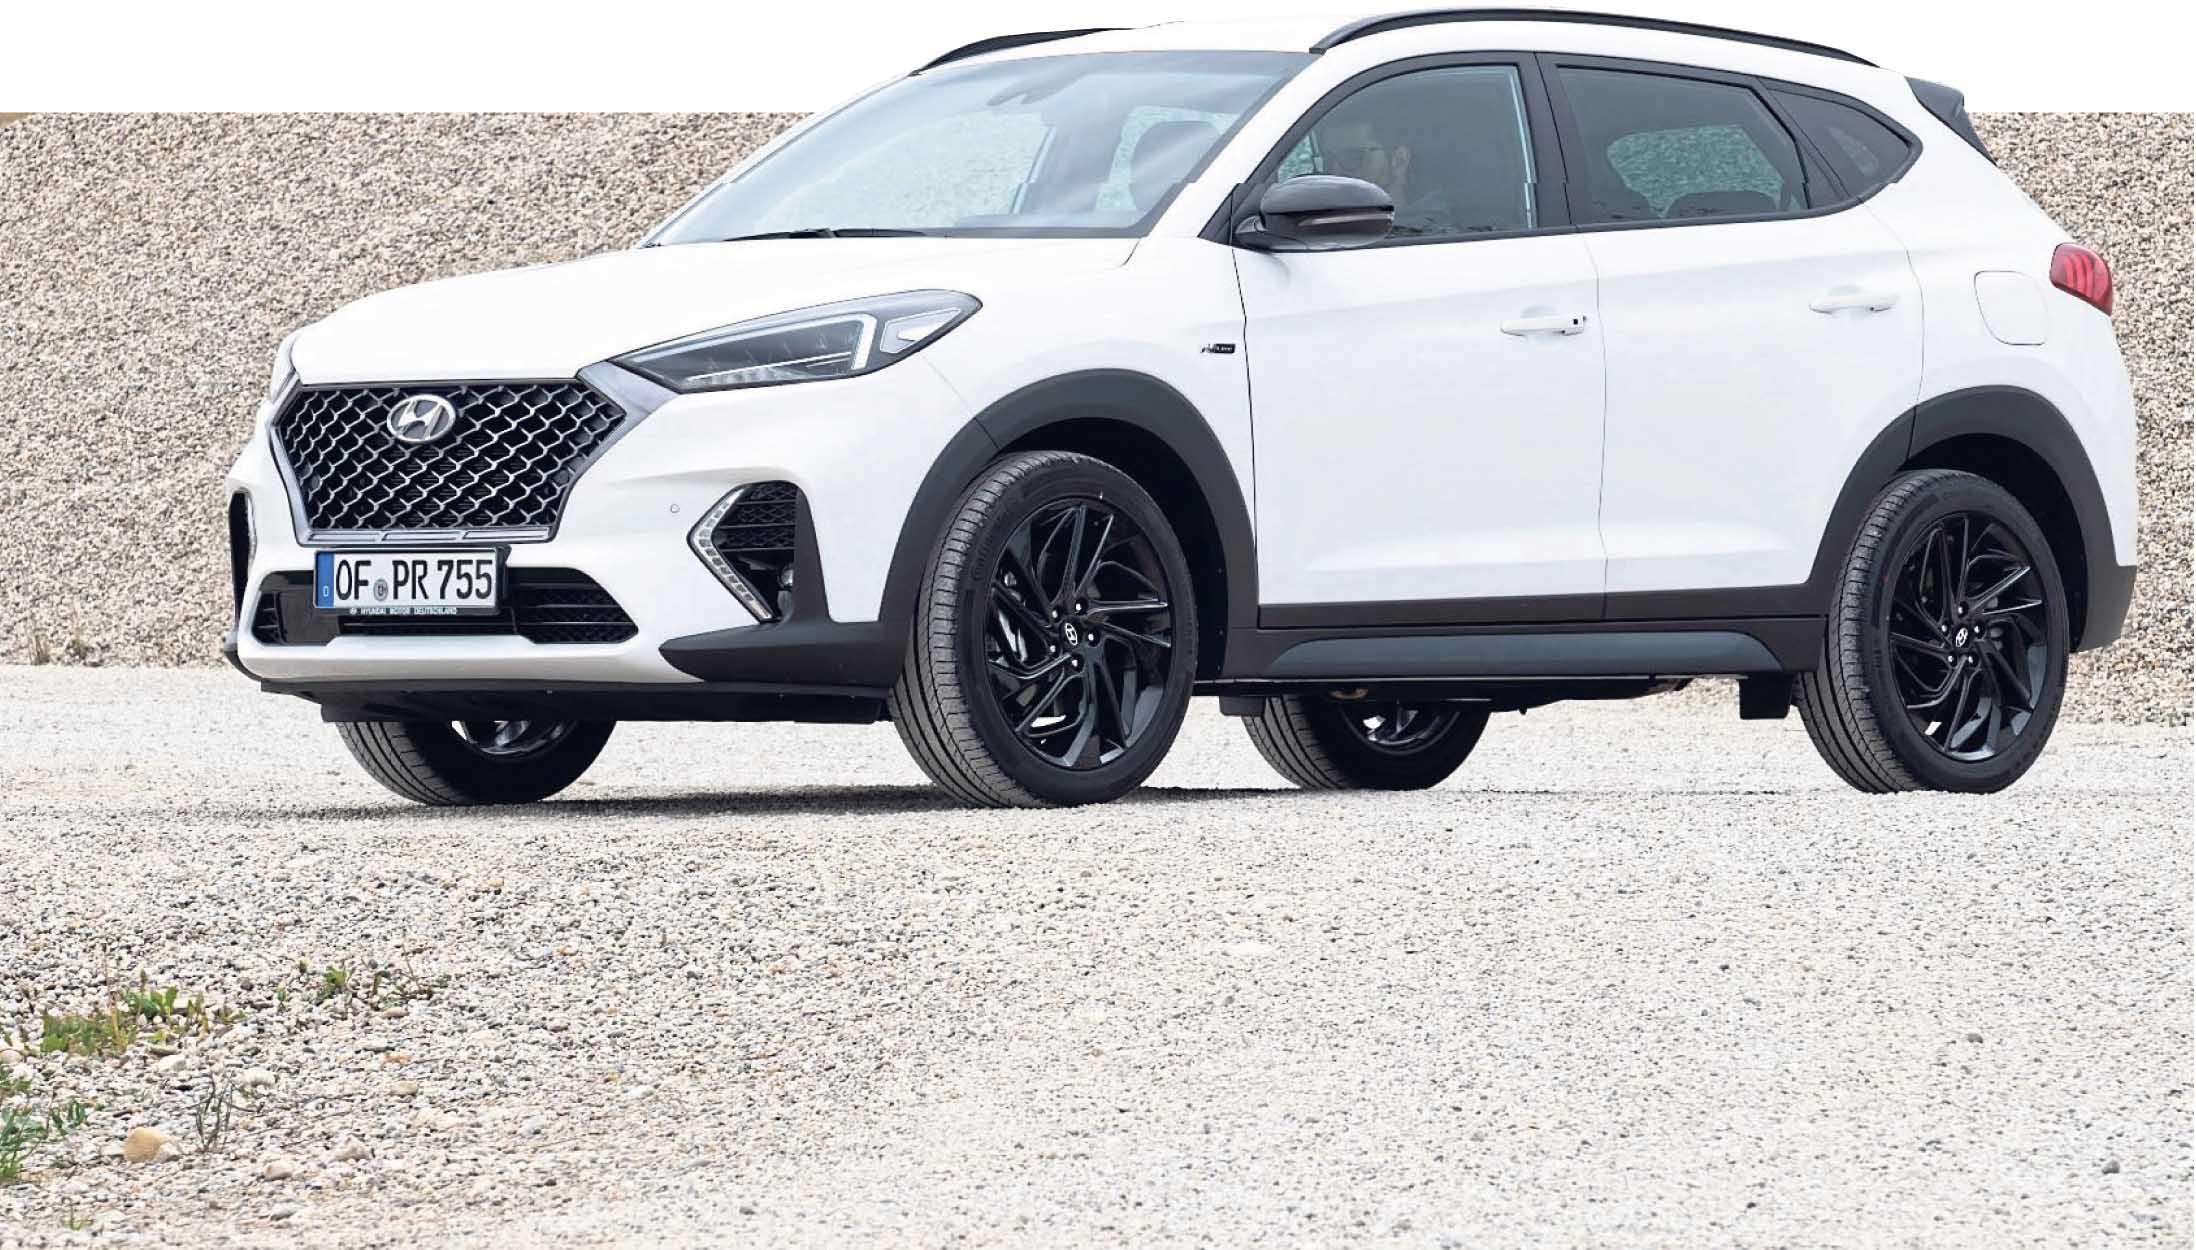 Der Hyundai Tucson, hier in der knackigen Version N-Line. Verbrauch (l/100 km) kombiniert: 6,9-7,8, CO2-Emissionen (g/km): 158-179, Preis: ab 22.970 Euro, lt. Angaben des Herstellers